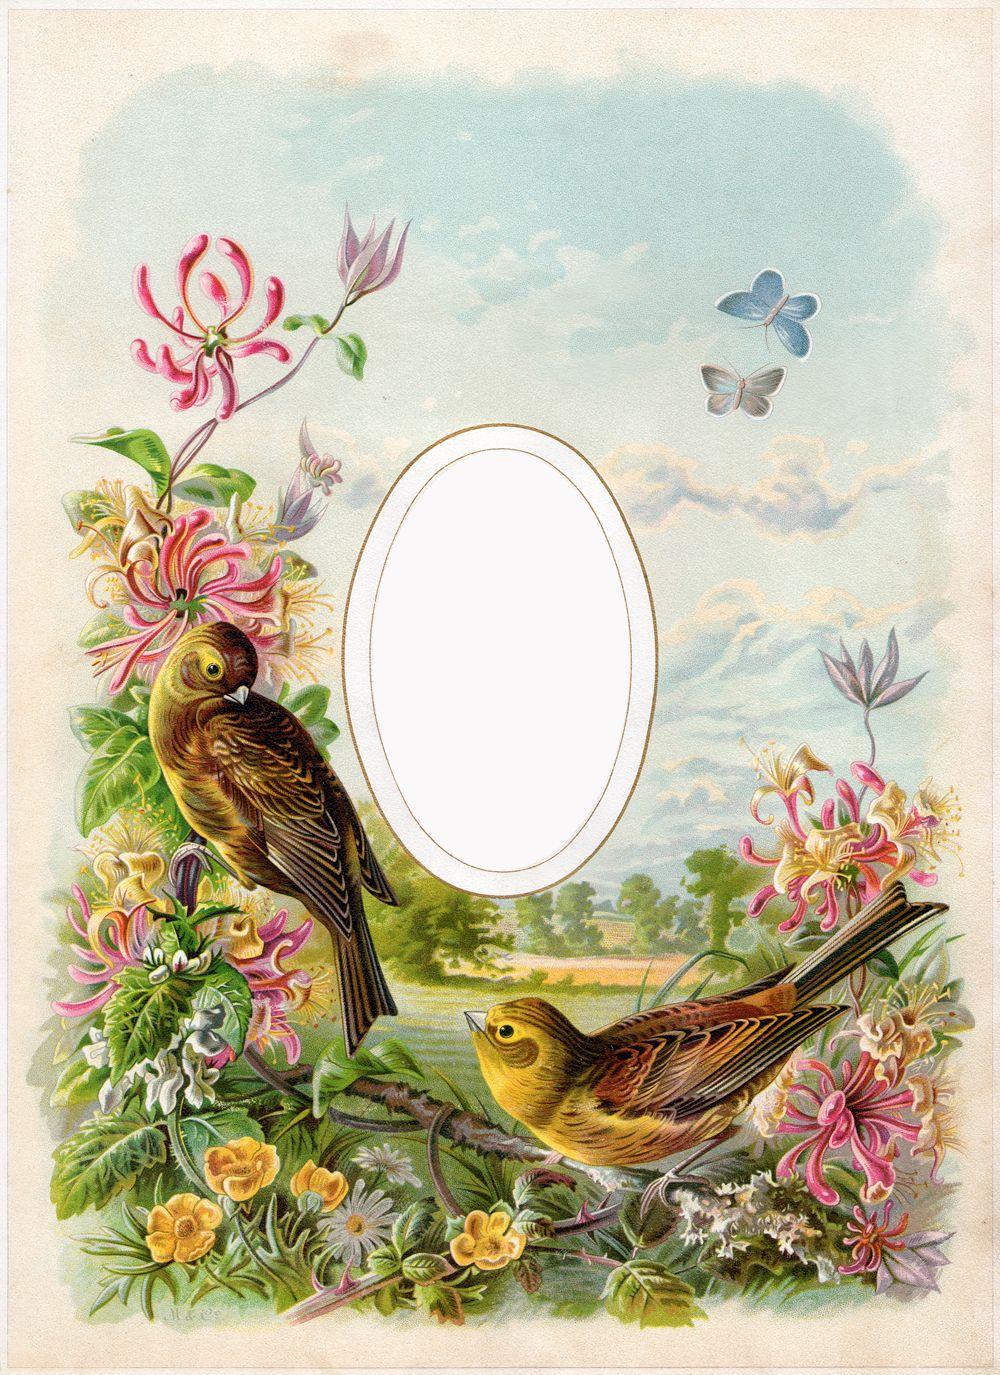 Cathe-Holden-Bird-Album-02 | My fav Vin | Pinterest | Bird, Album ...